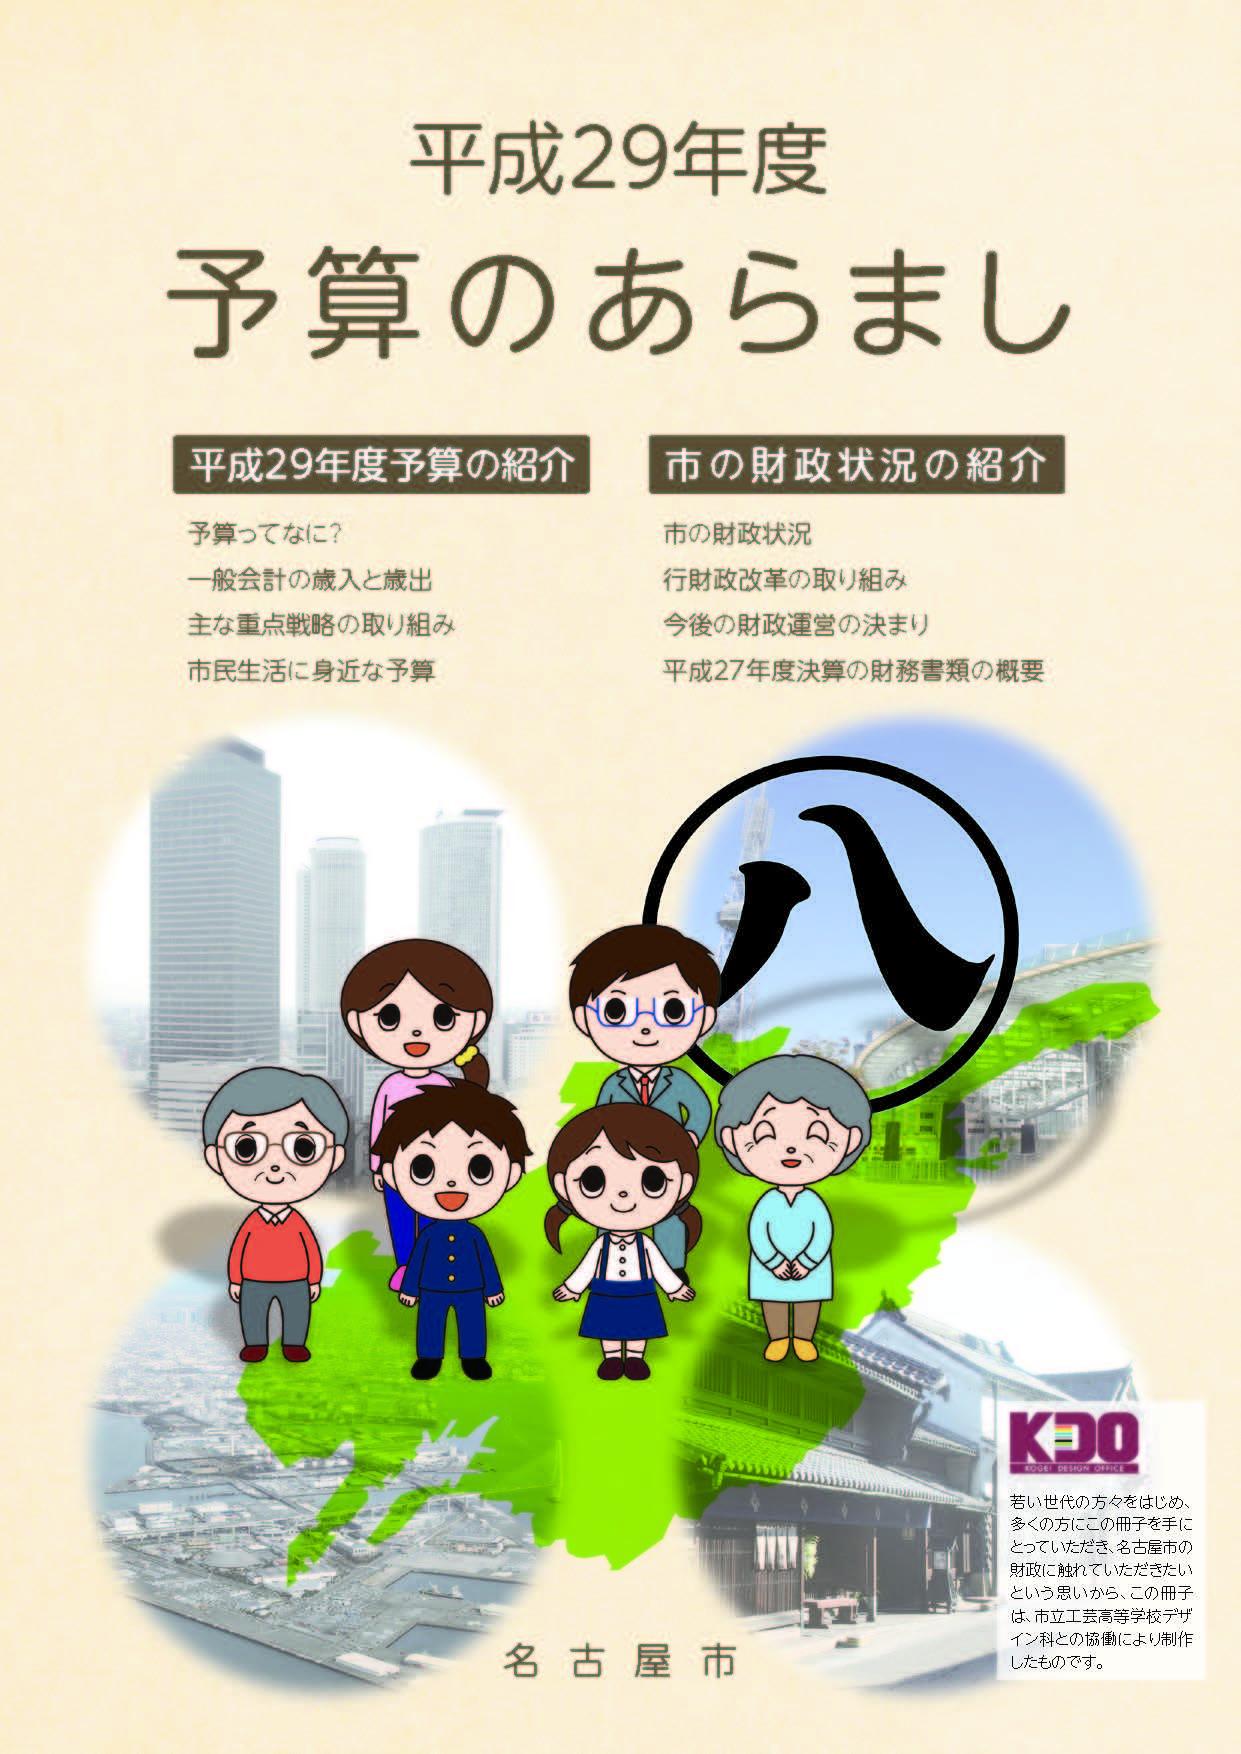 名古屋市「平成29年度 予算のあらまし」を17/4/24に公開_d0011701_16304523.jpg